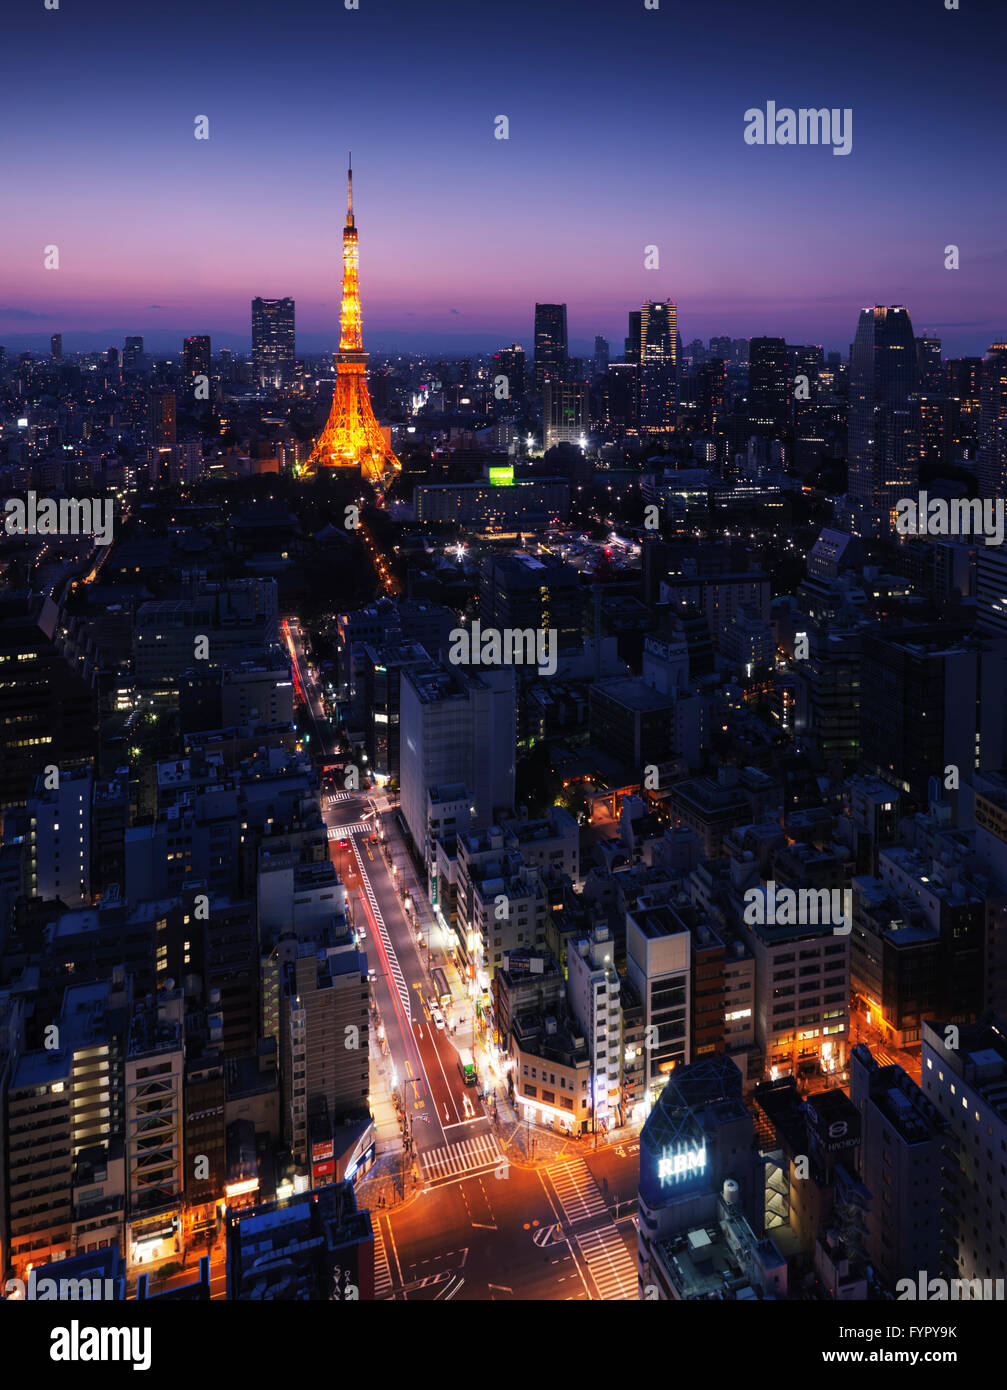 Vue urbaine avec la Tour de Tokyo illuminée au crépuscule, Minato, Tokyo, Japon Photo Stock